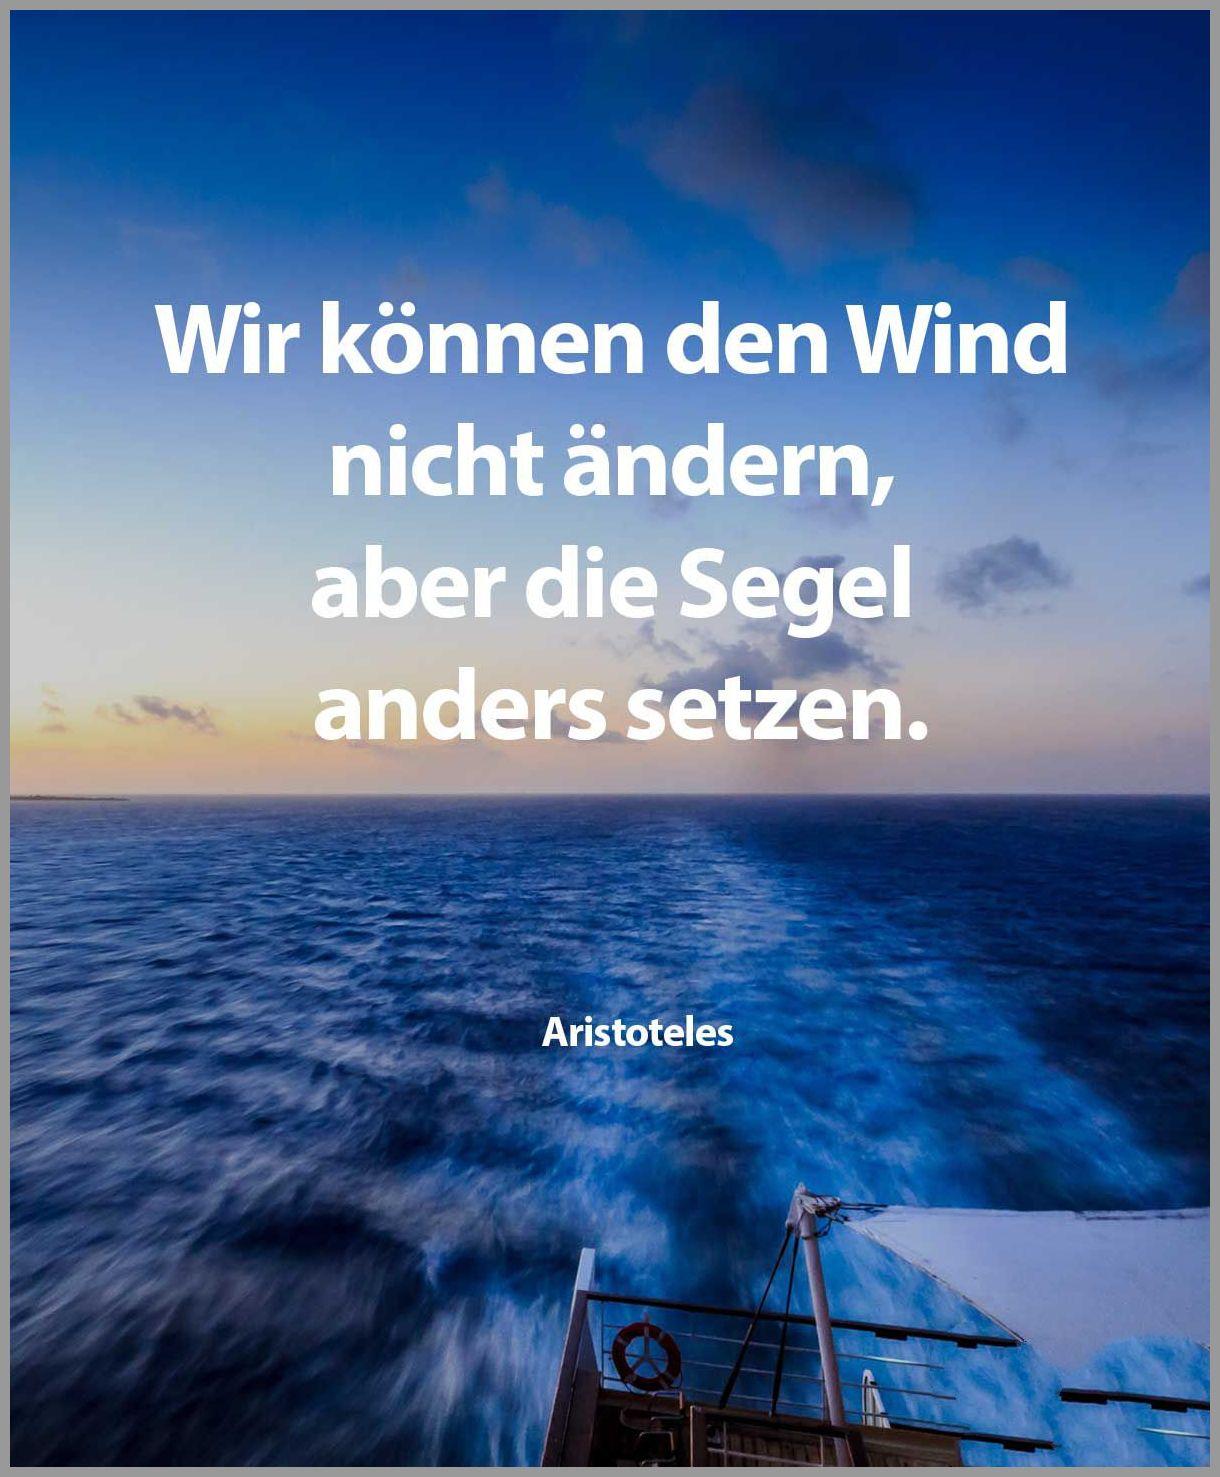 Wir koennen den wind nicht aendern aber die segel anders setzen - Wir koennen den wind nicht aendern aber die segel anders setzen